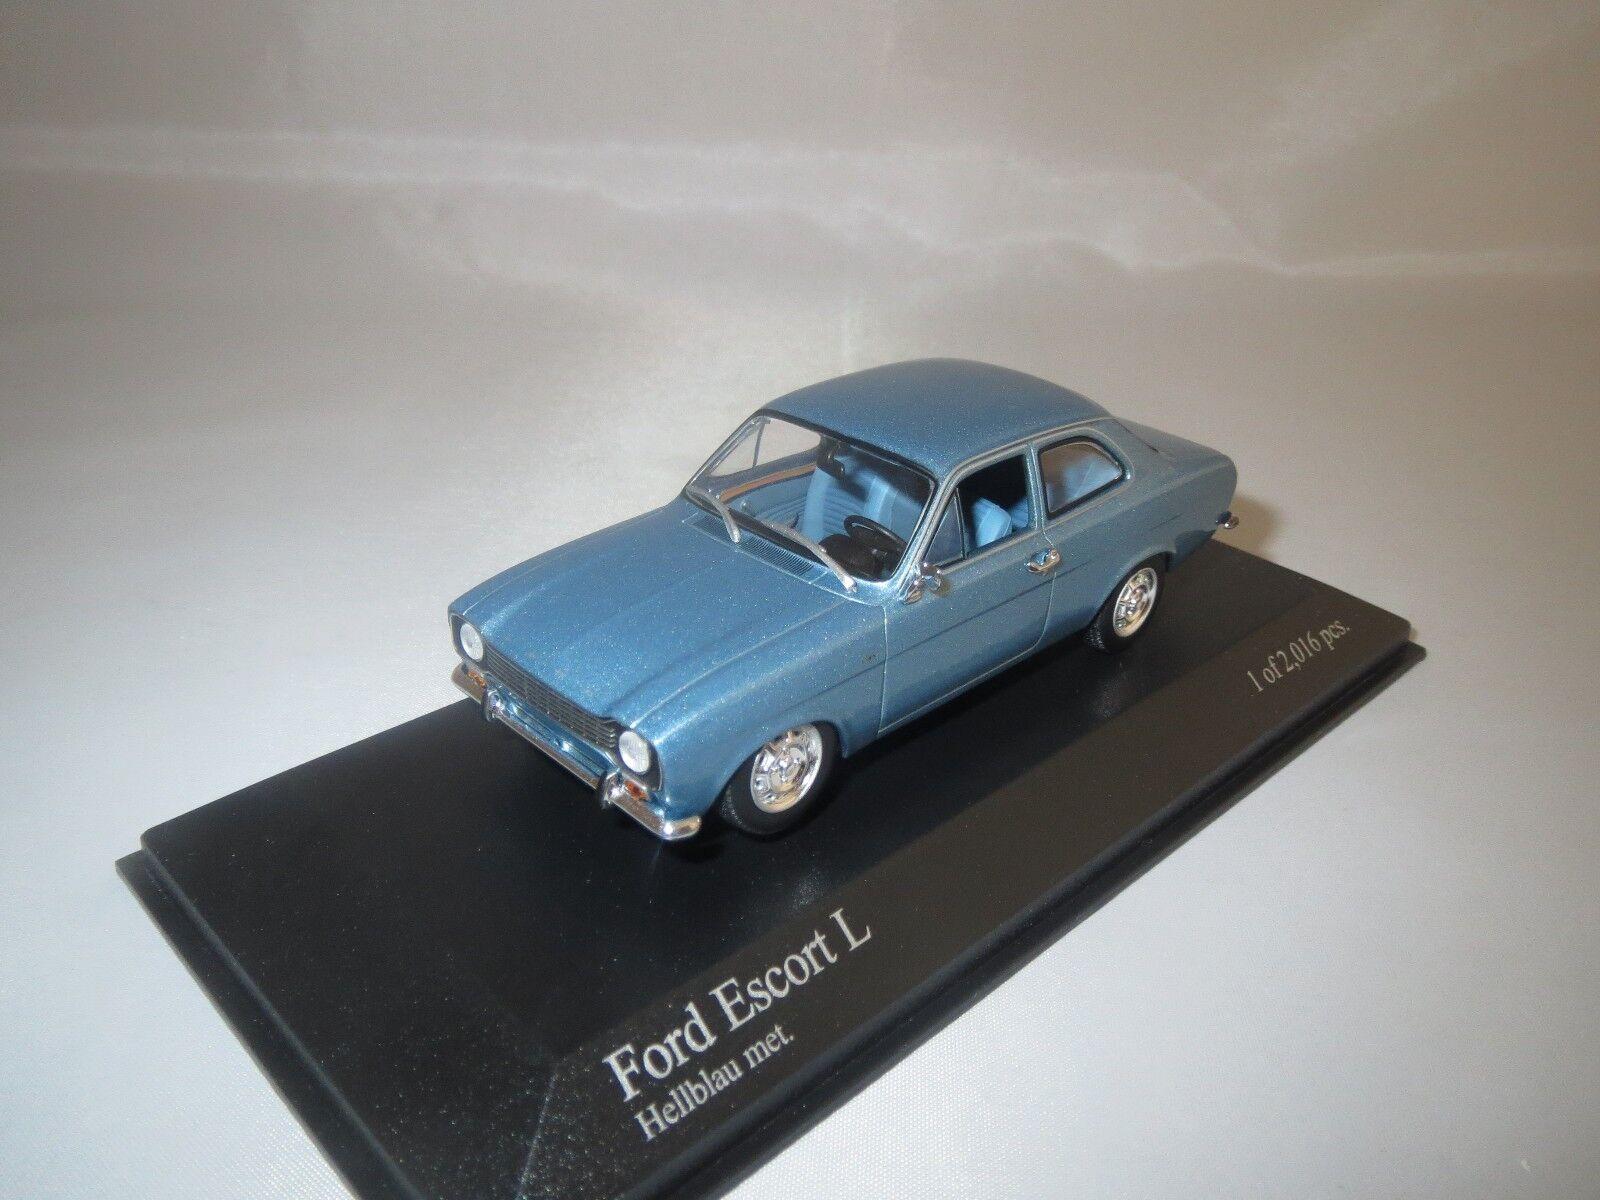 Precio por piso Minichamps ford escort l l l  1971  (Light azul met.) 1 43 embalaje original   precios mas bajos